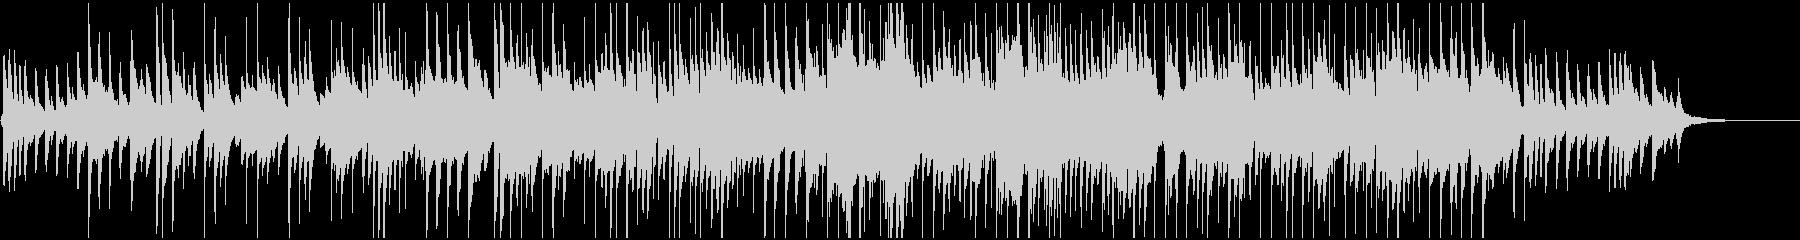 ゆったりピアノとシンセベルのBGMの未再生の波形